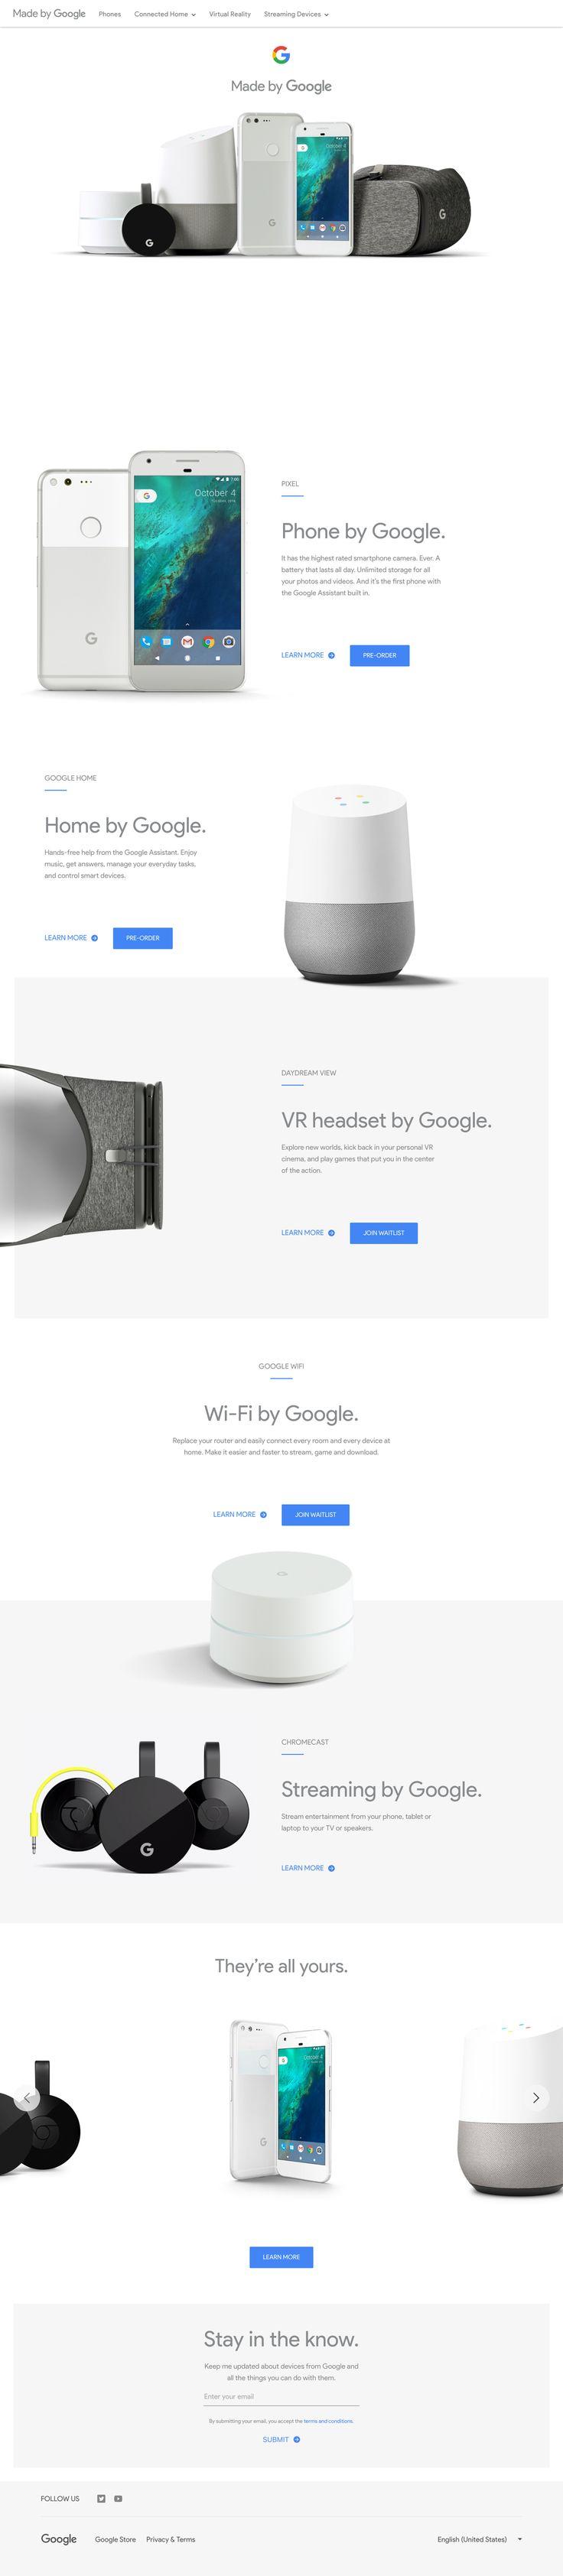 Google Home Design 544 best web ui | ux images on pinterest | ui ux, landing and